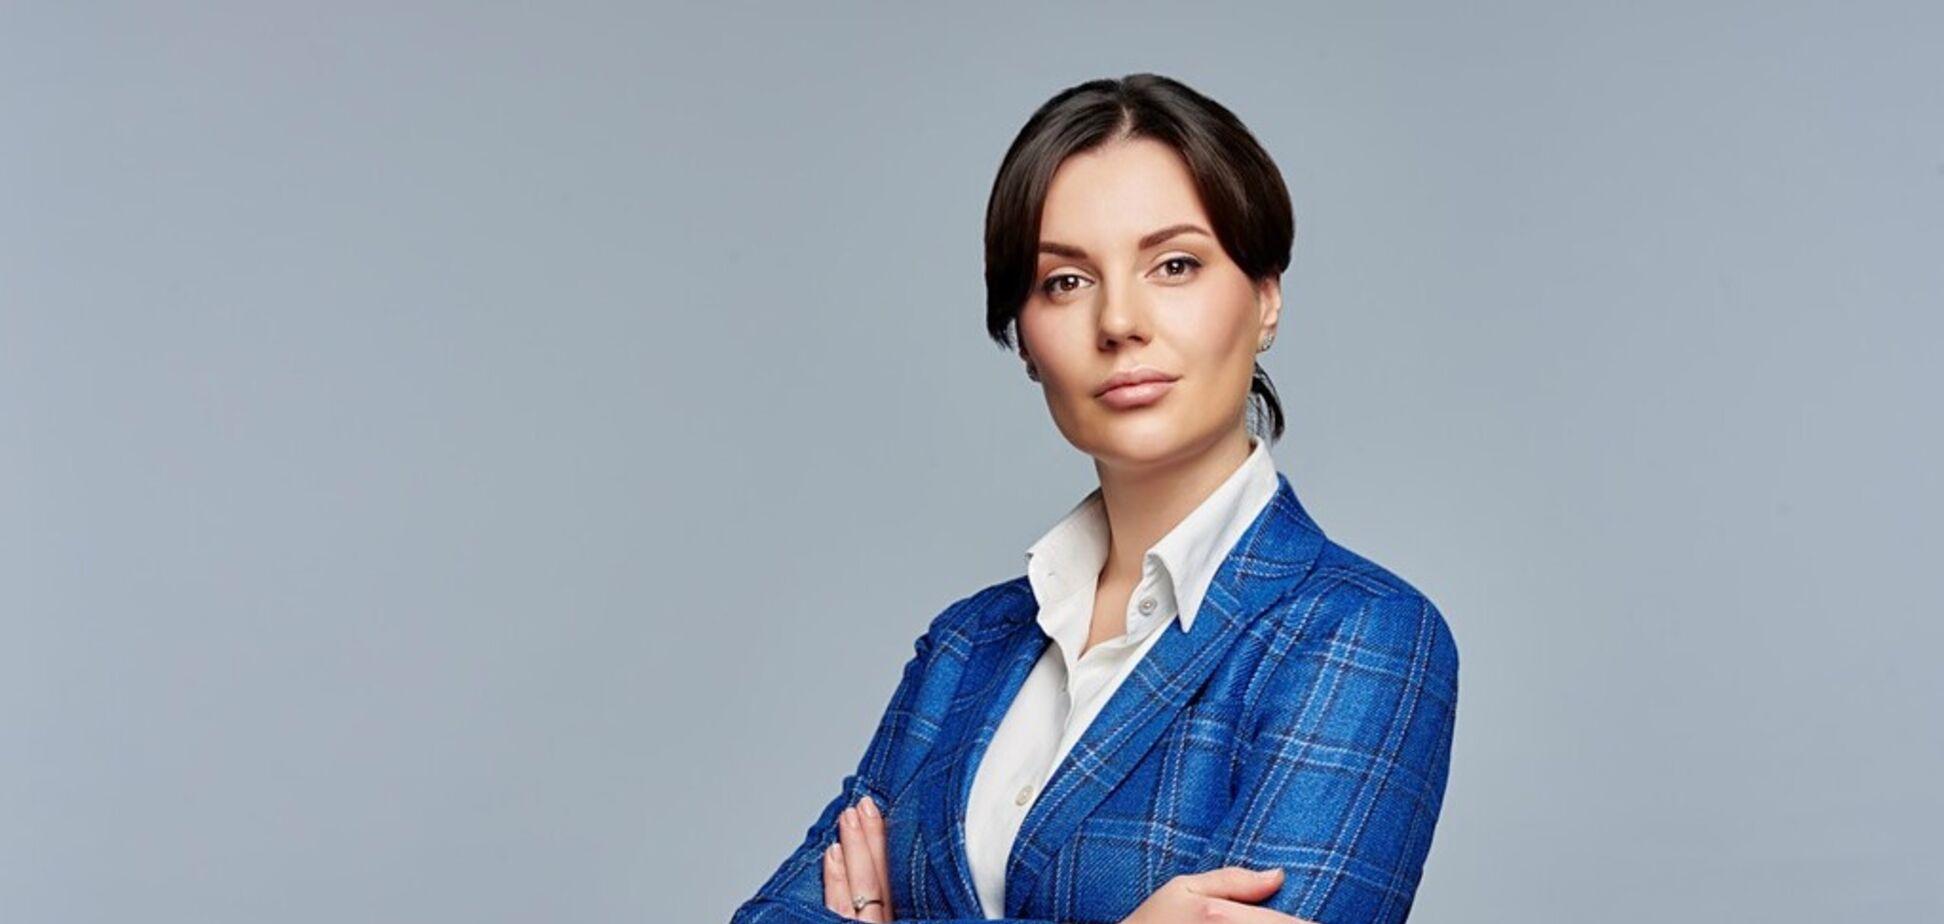 Василюк увійшла до топ-20 найуспішніших менеджерів українських компаній